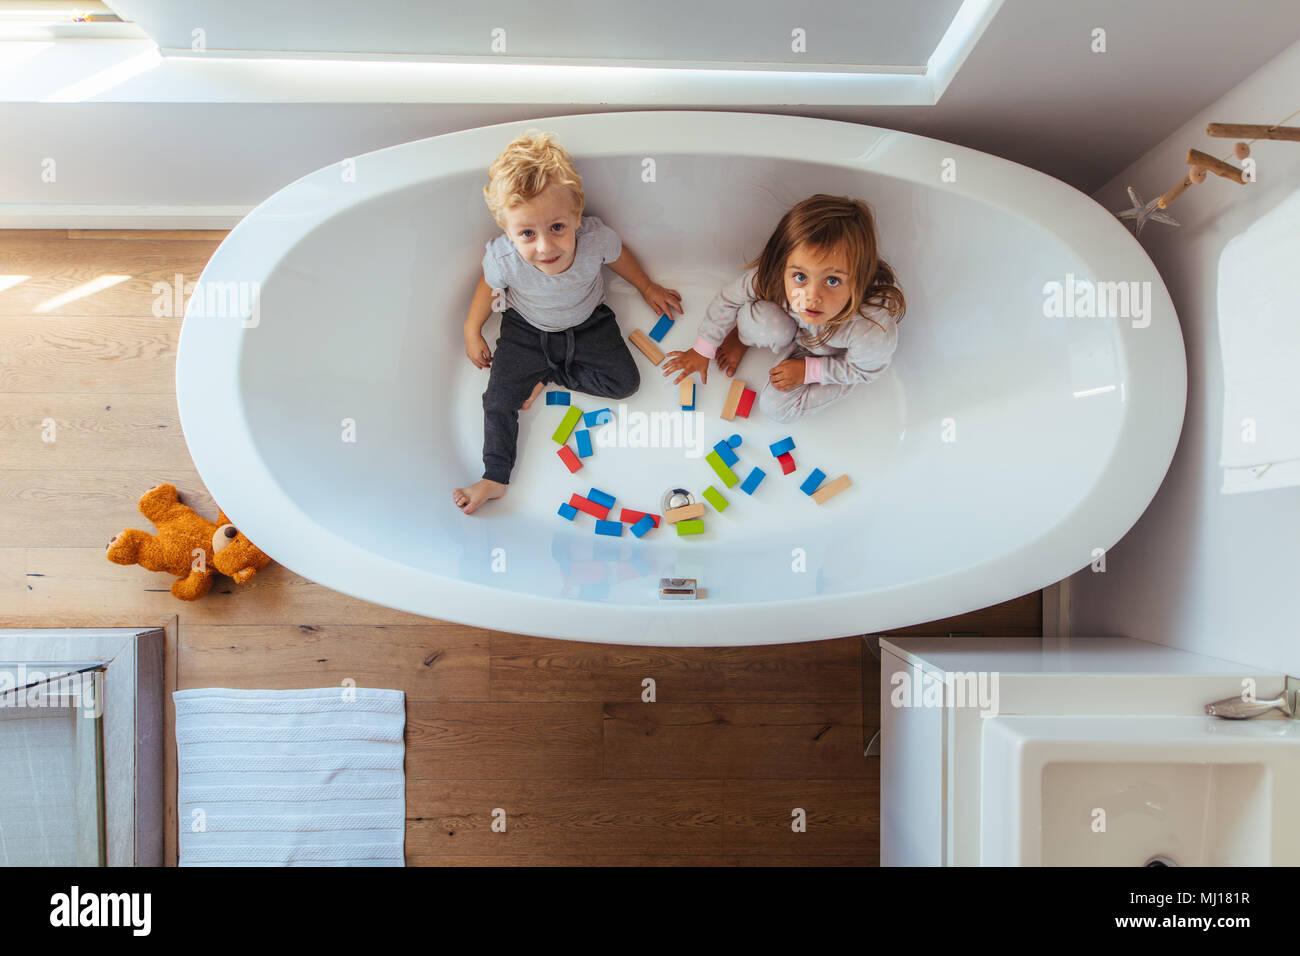 Vasca Da Bagno Piccola Per Bambini : I bambini seduti nella vasca con blocchi di legno e guardando verso